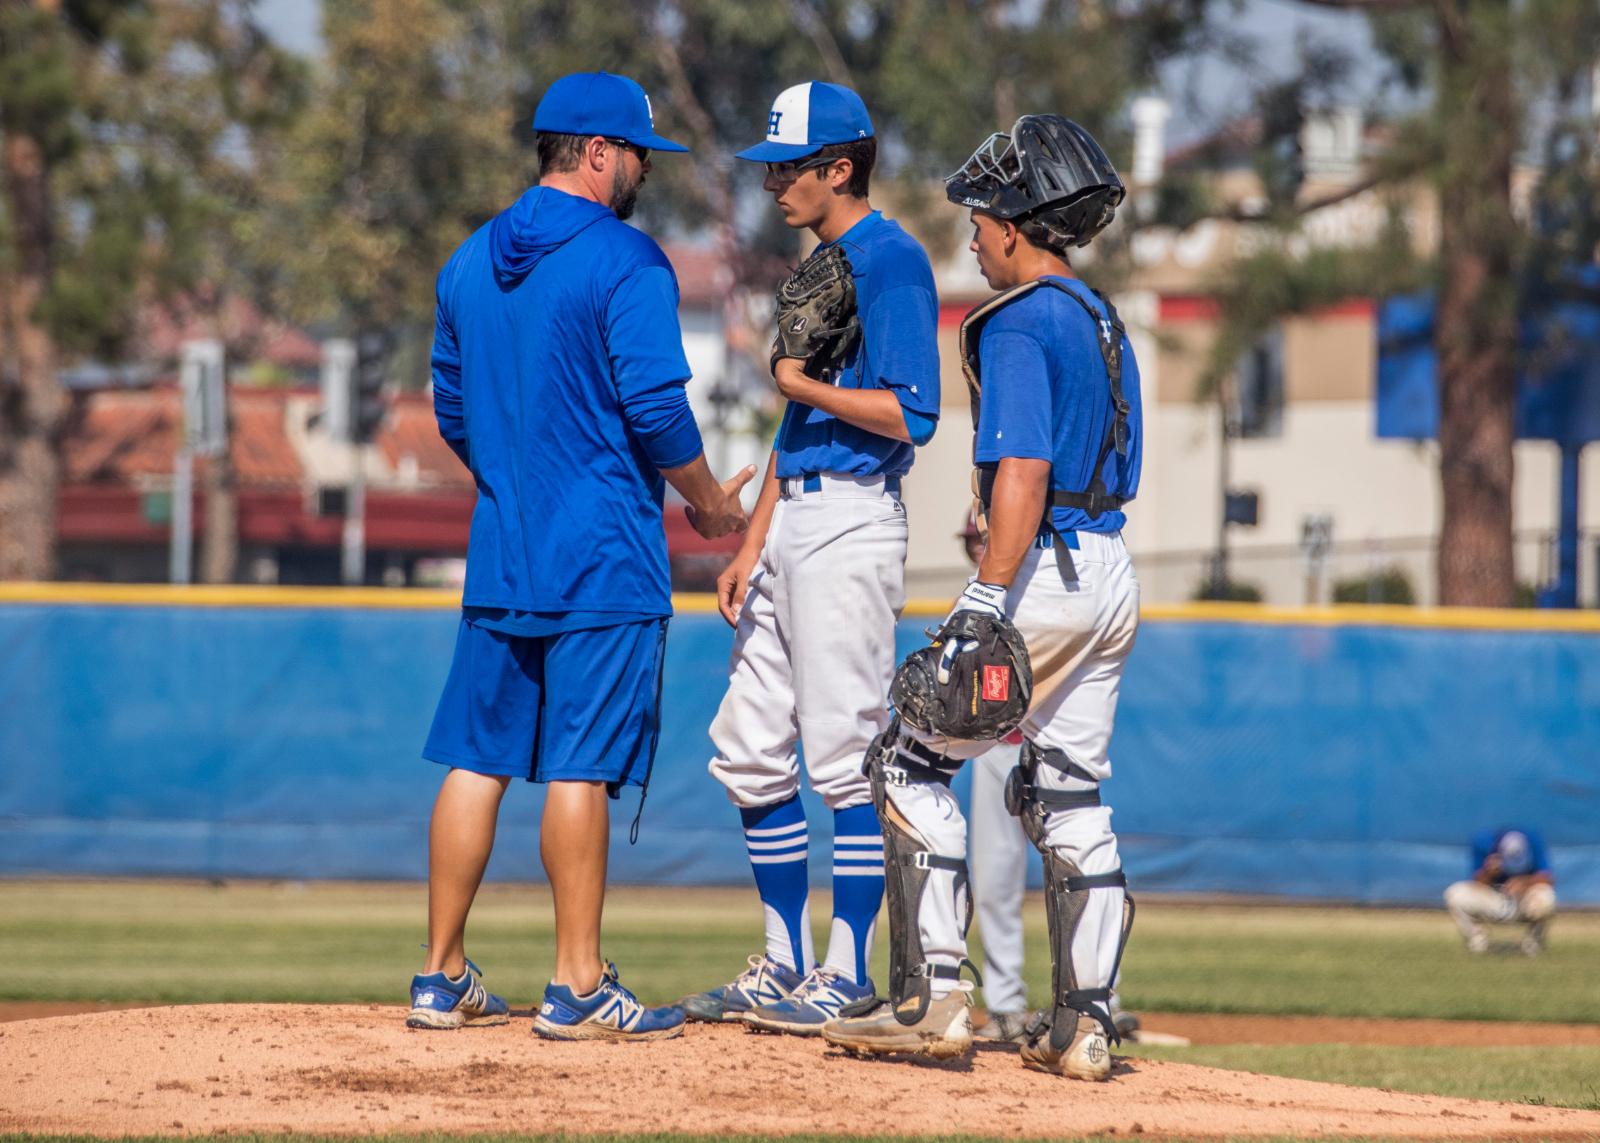 Highlander Baseball: La Habra vs Sunny Hills (4/3/2019)